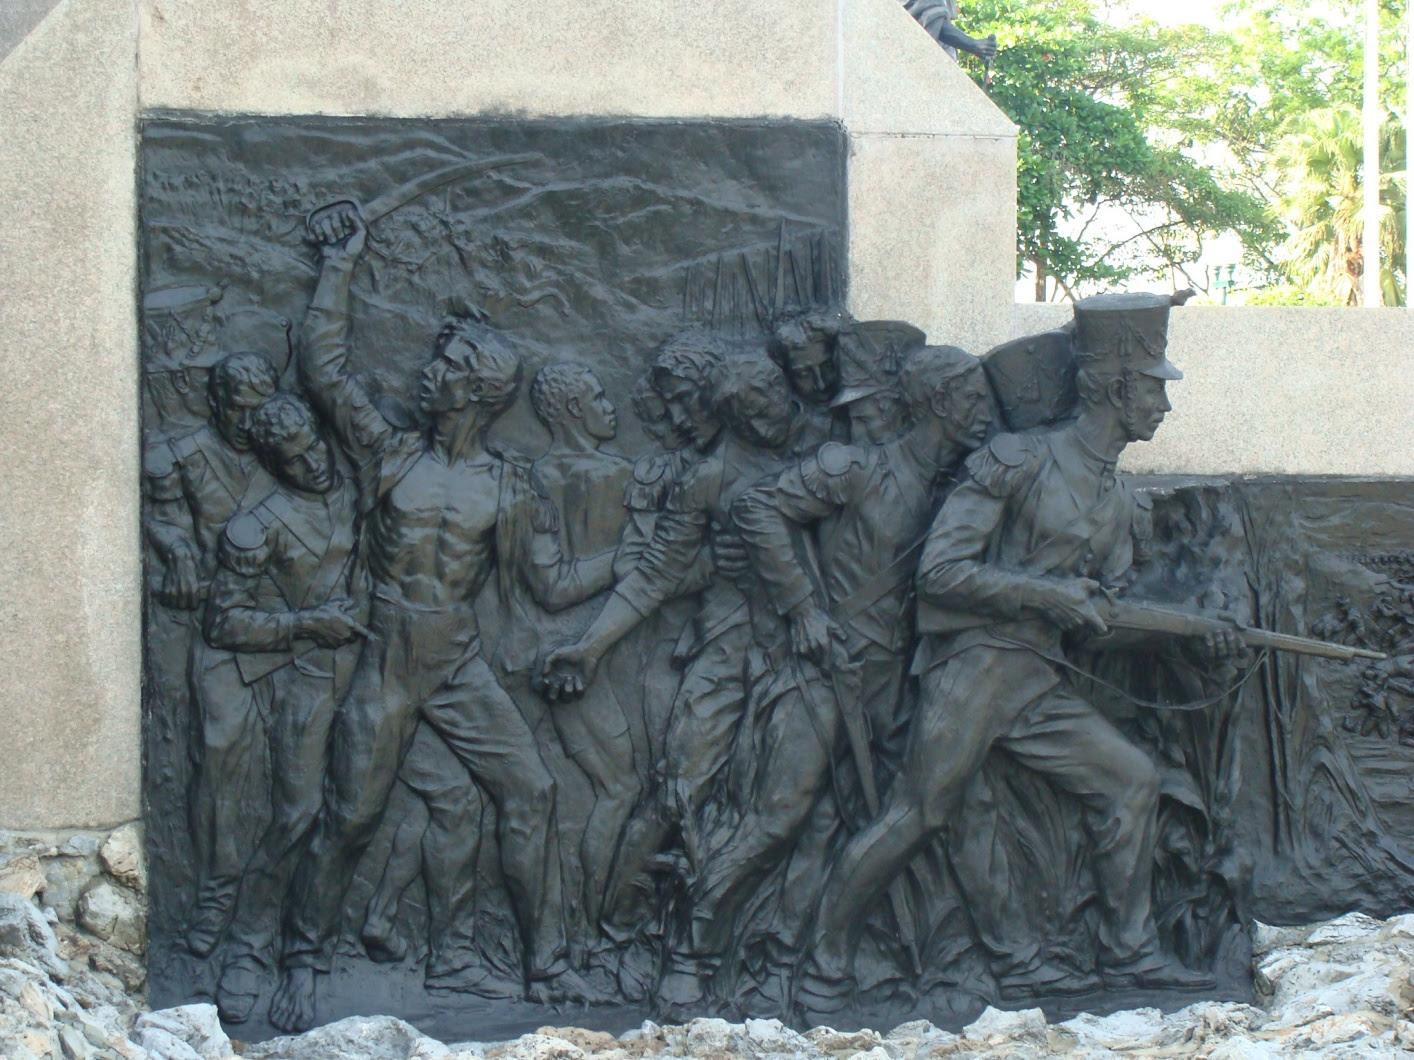 grabados en el monumento de el altar de la patria